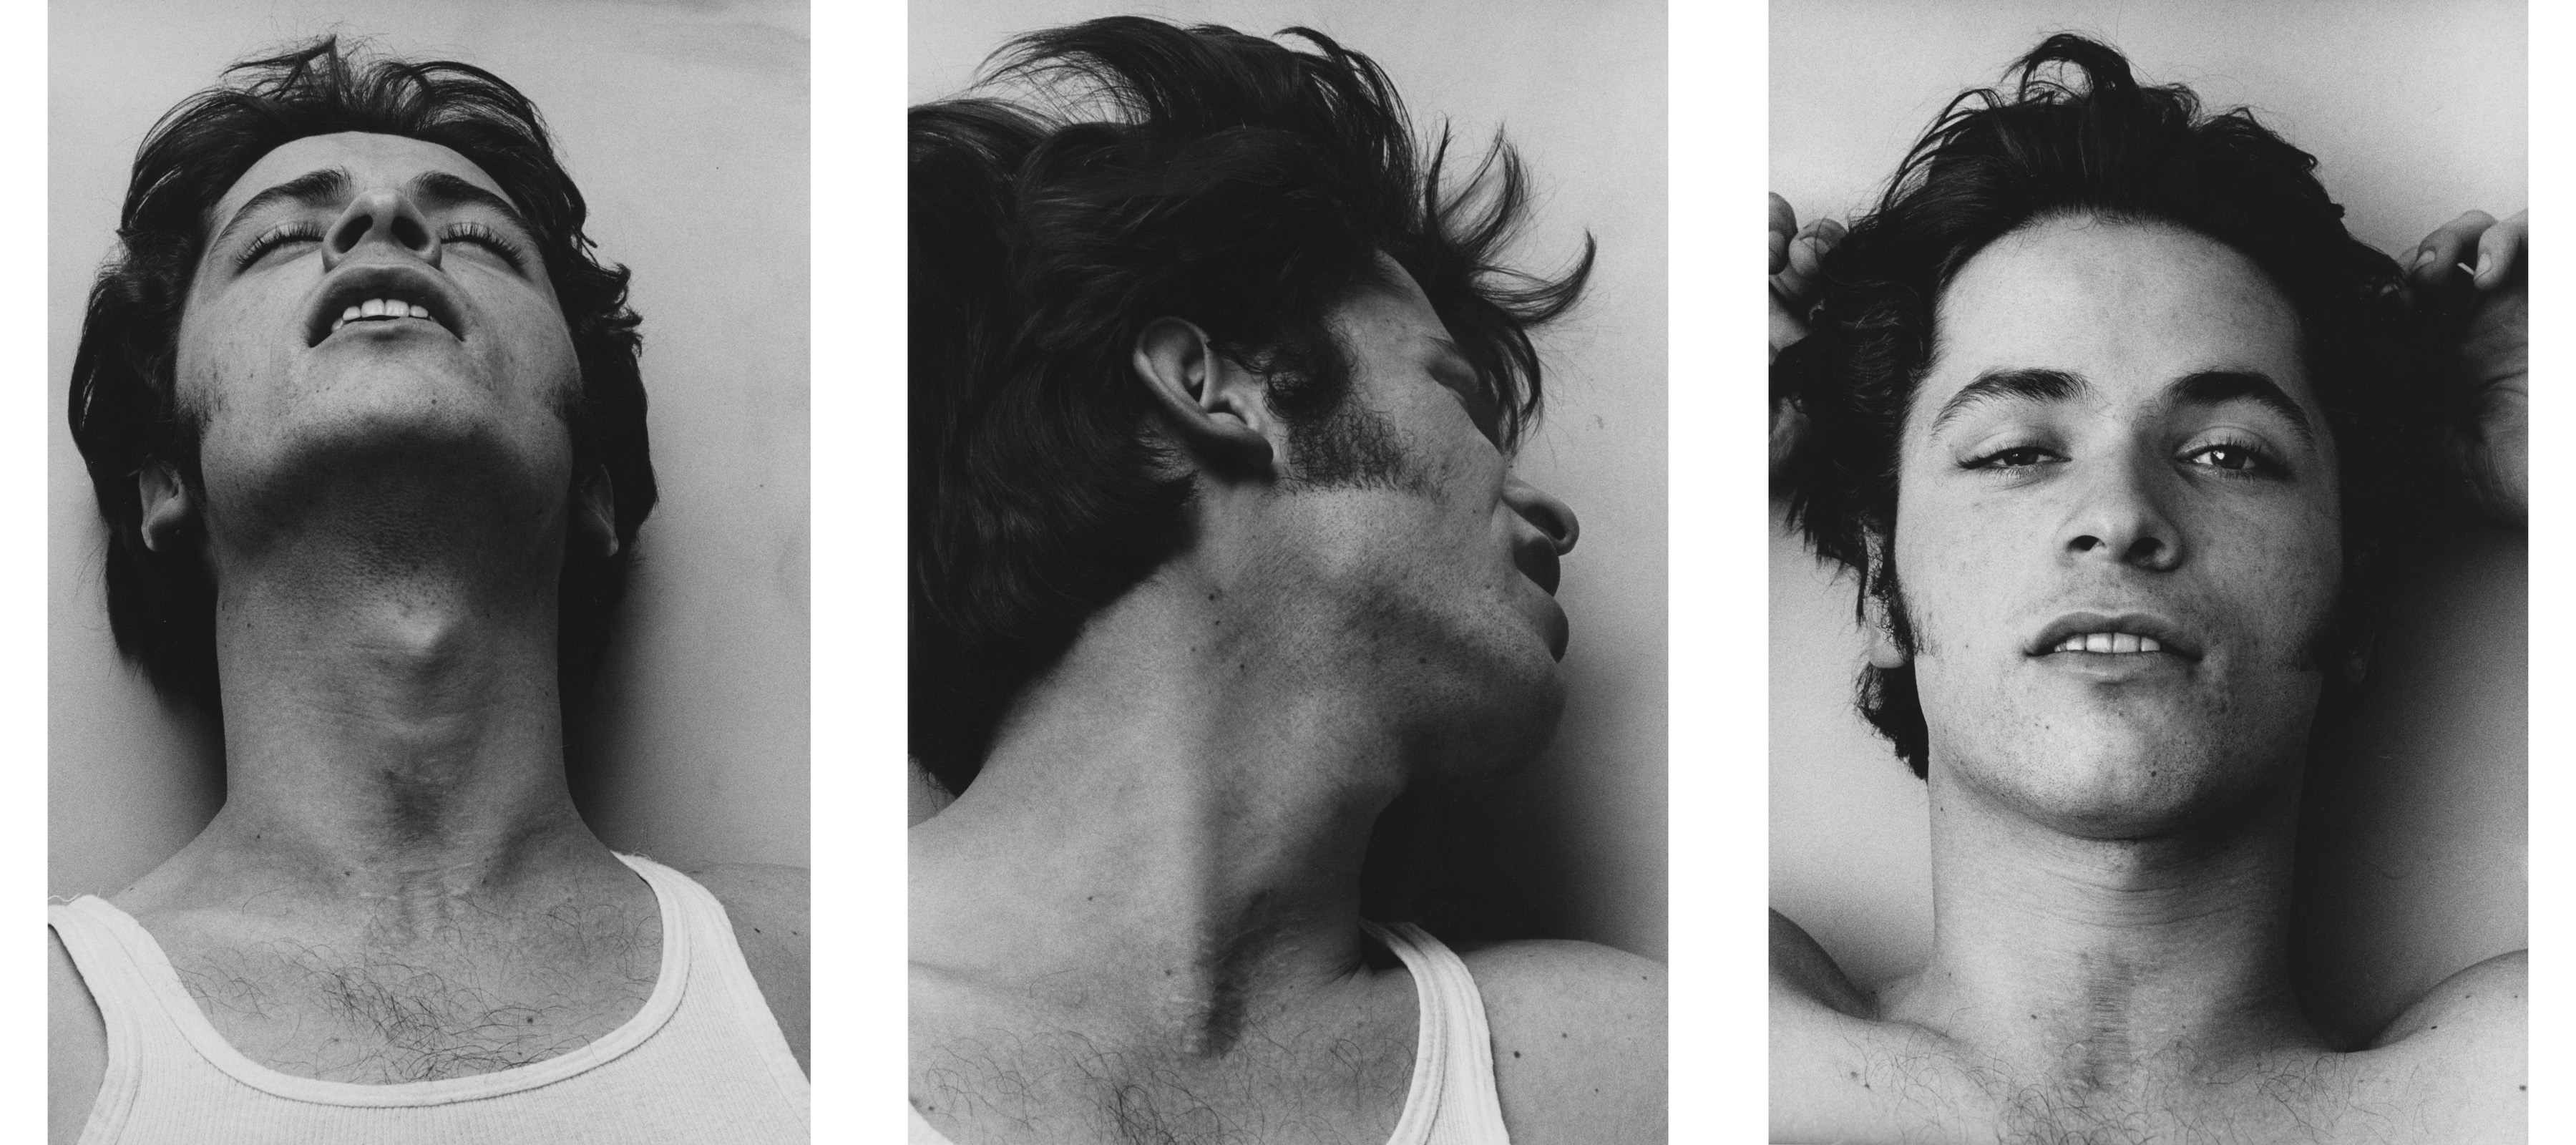 Fotó: Peter Hujar: Orgasmic Man I. II. III., 1969 © Peter Hujar Archive / Fraenkel Gallery